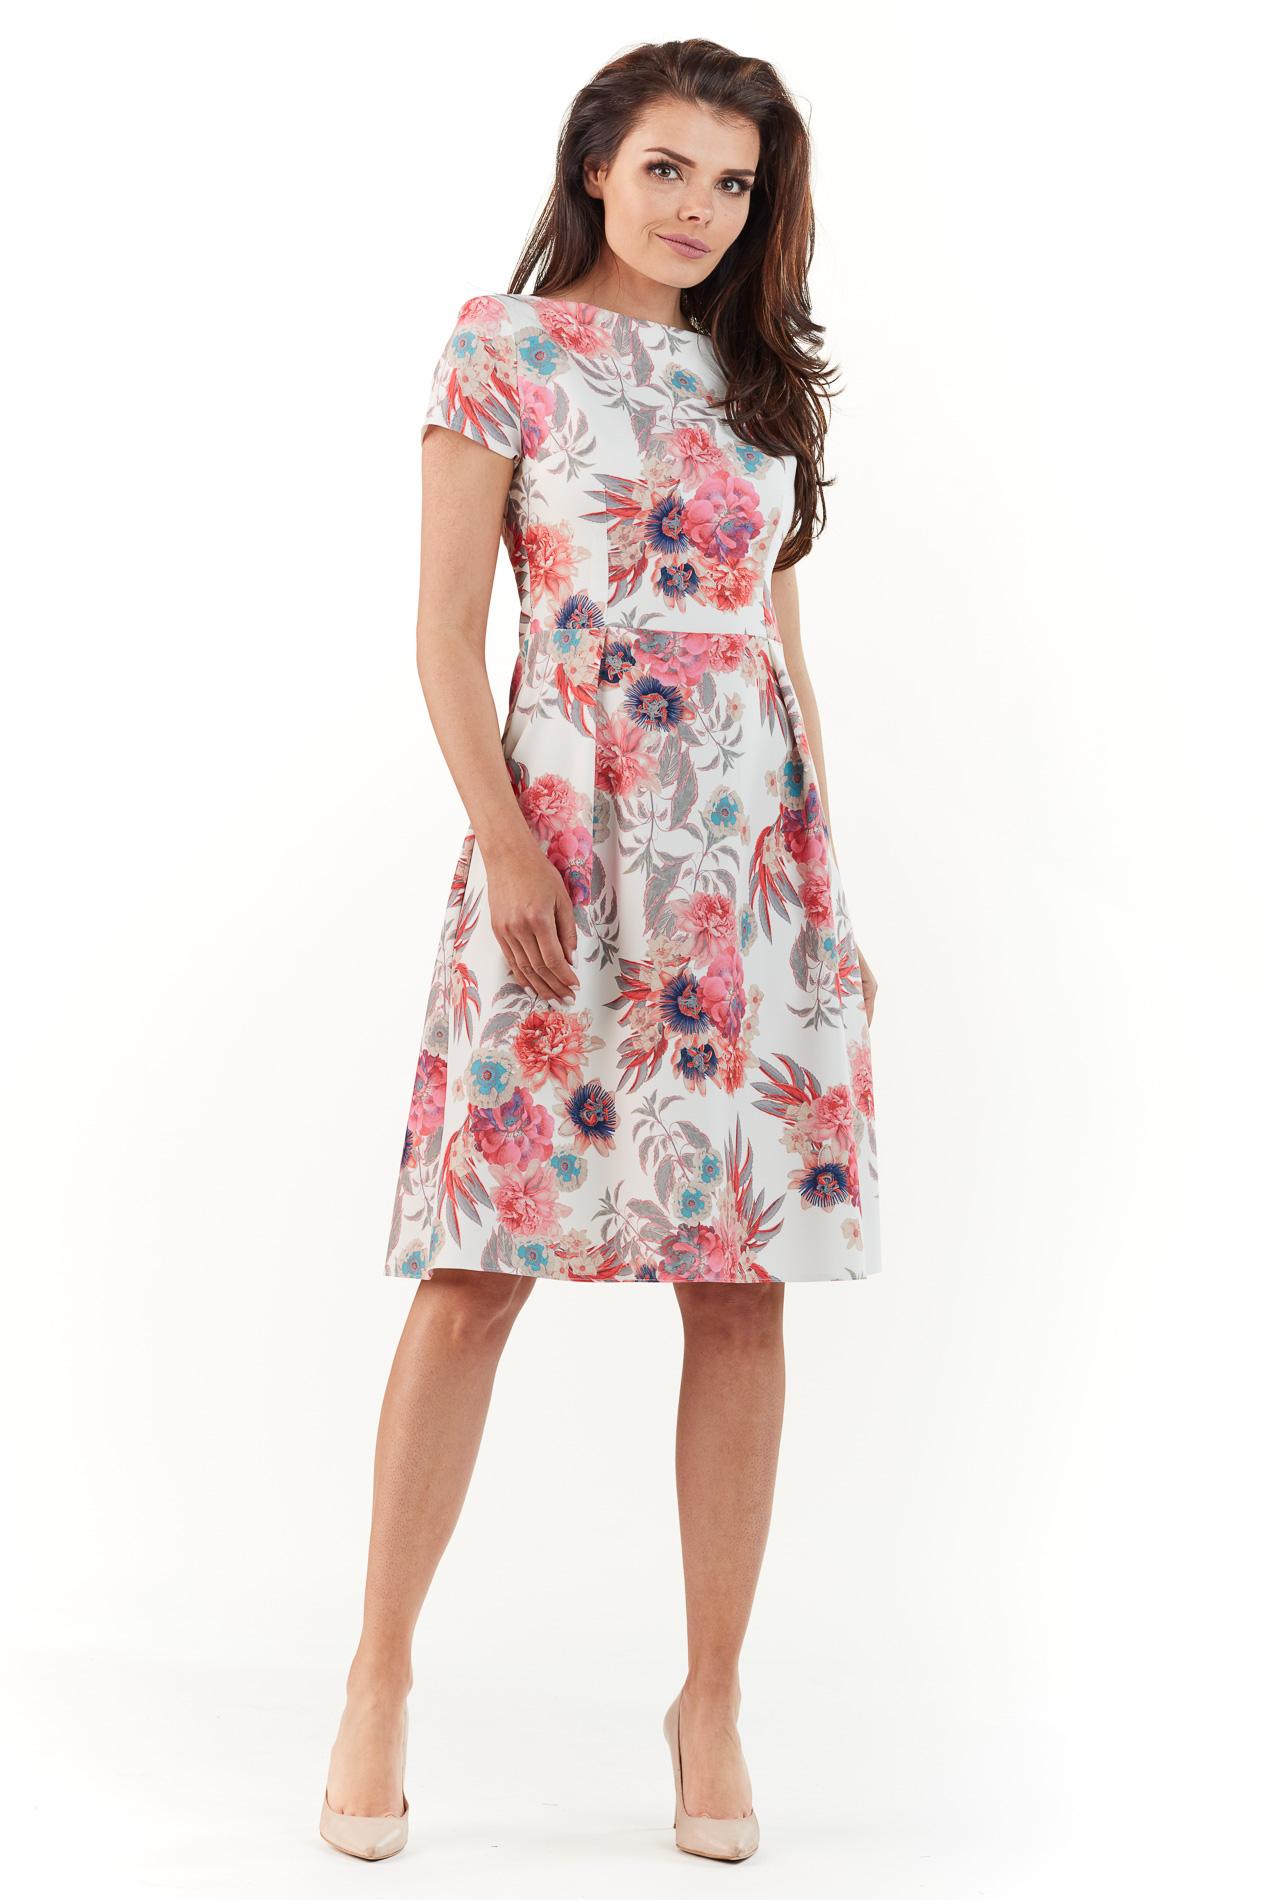 9ad5d50564 Sukienka do kolan na lato w kolorowe kwiaty - wysyłka od 5